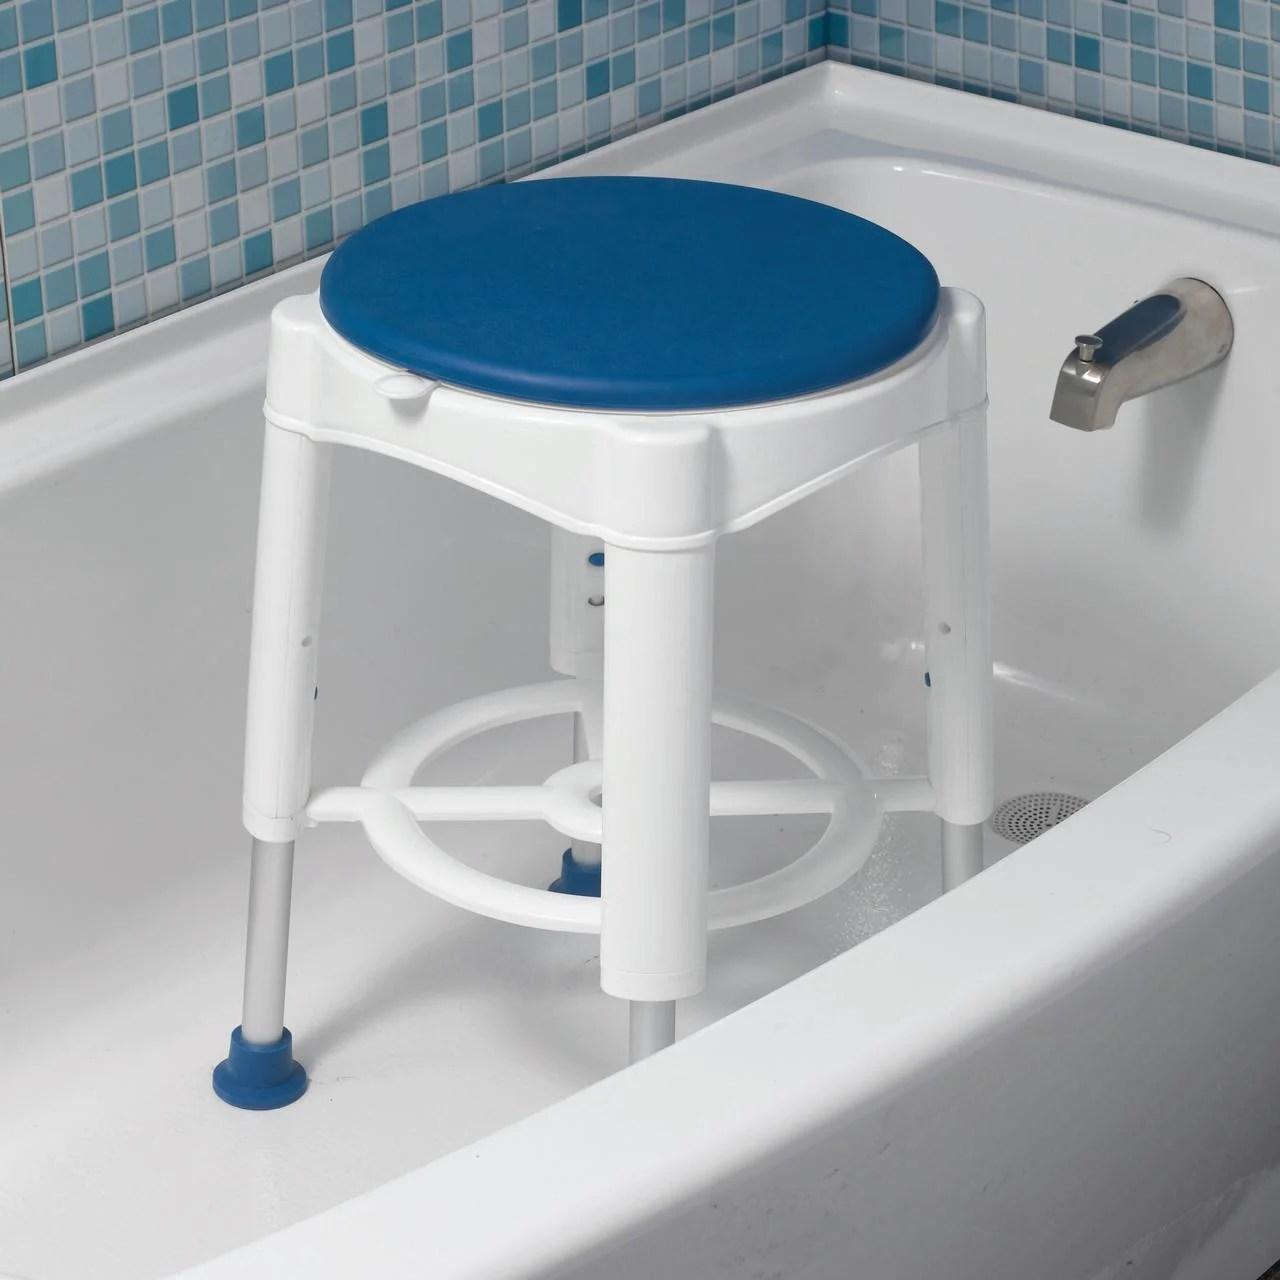 tabouret pour baignoire avec assise pivotante rembourree